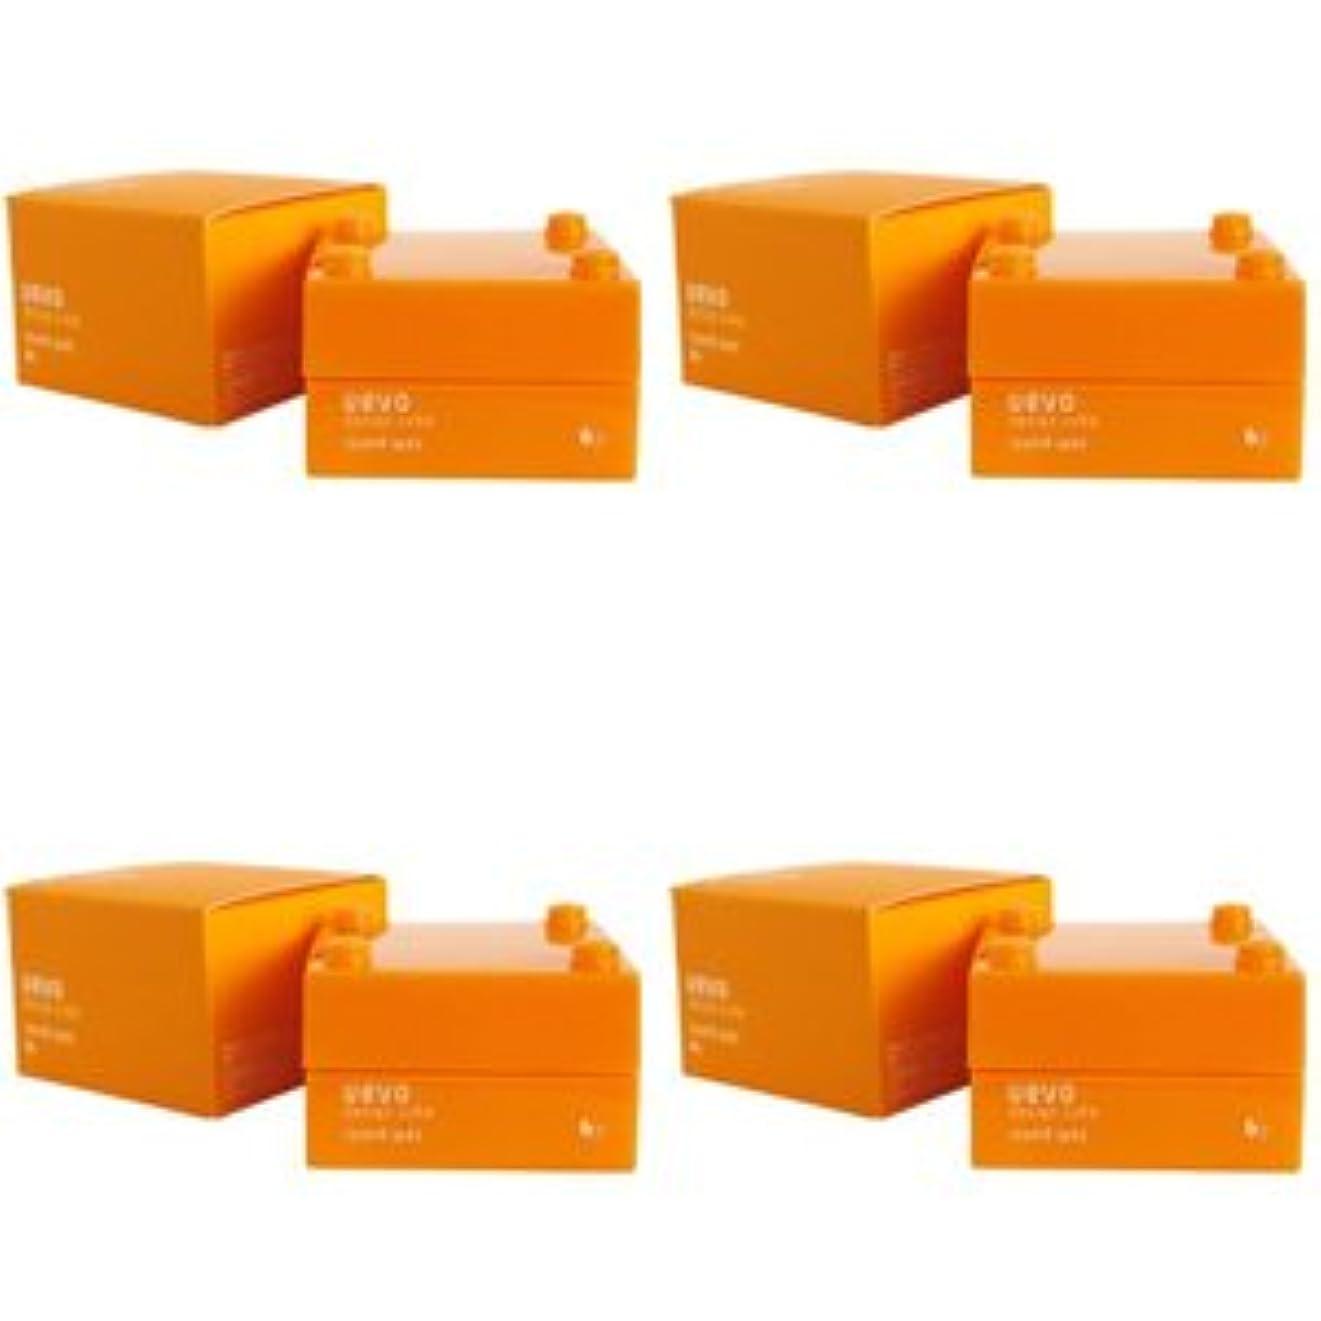 【X4個セット】 デミ ウェーボ デザインキューブ ラウンドワックス 30g round wax DEMI uevo design cube